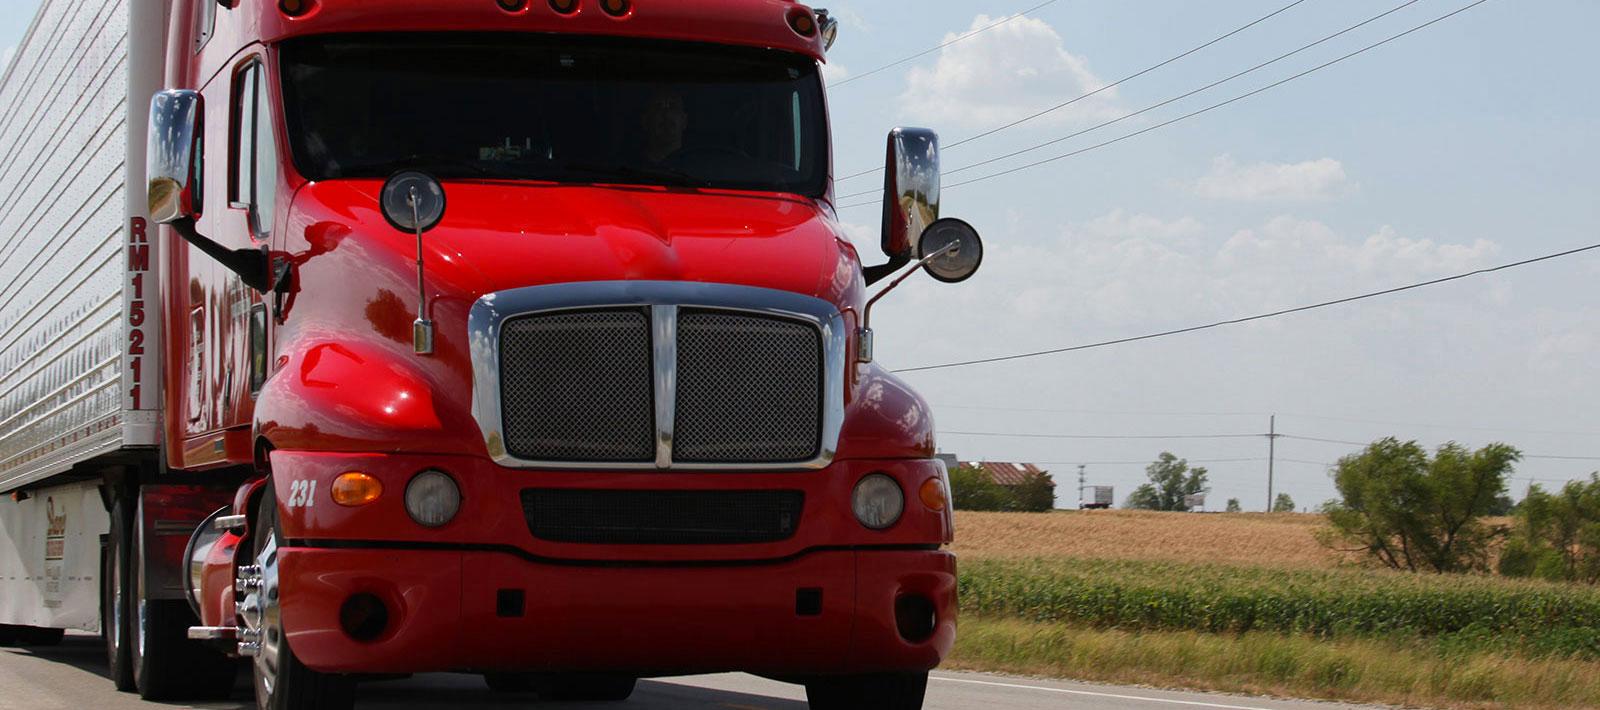 Serie dezl (Camiones semirremolque)